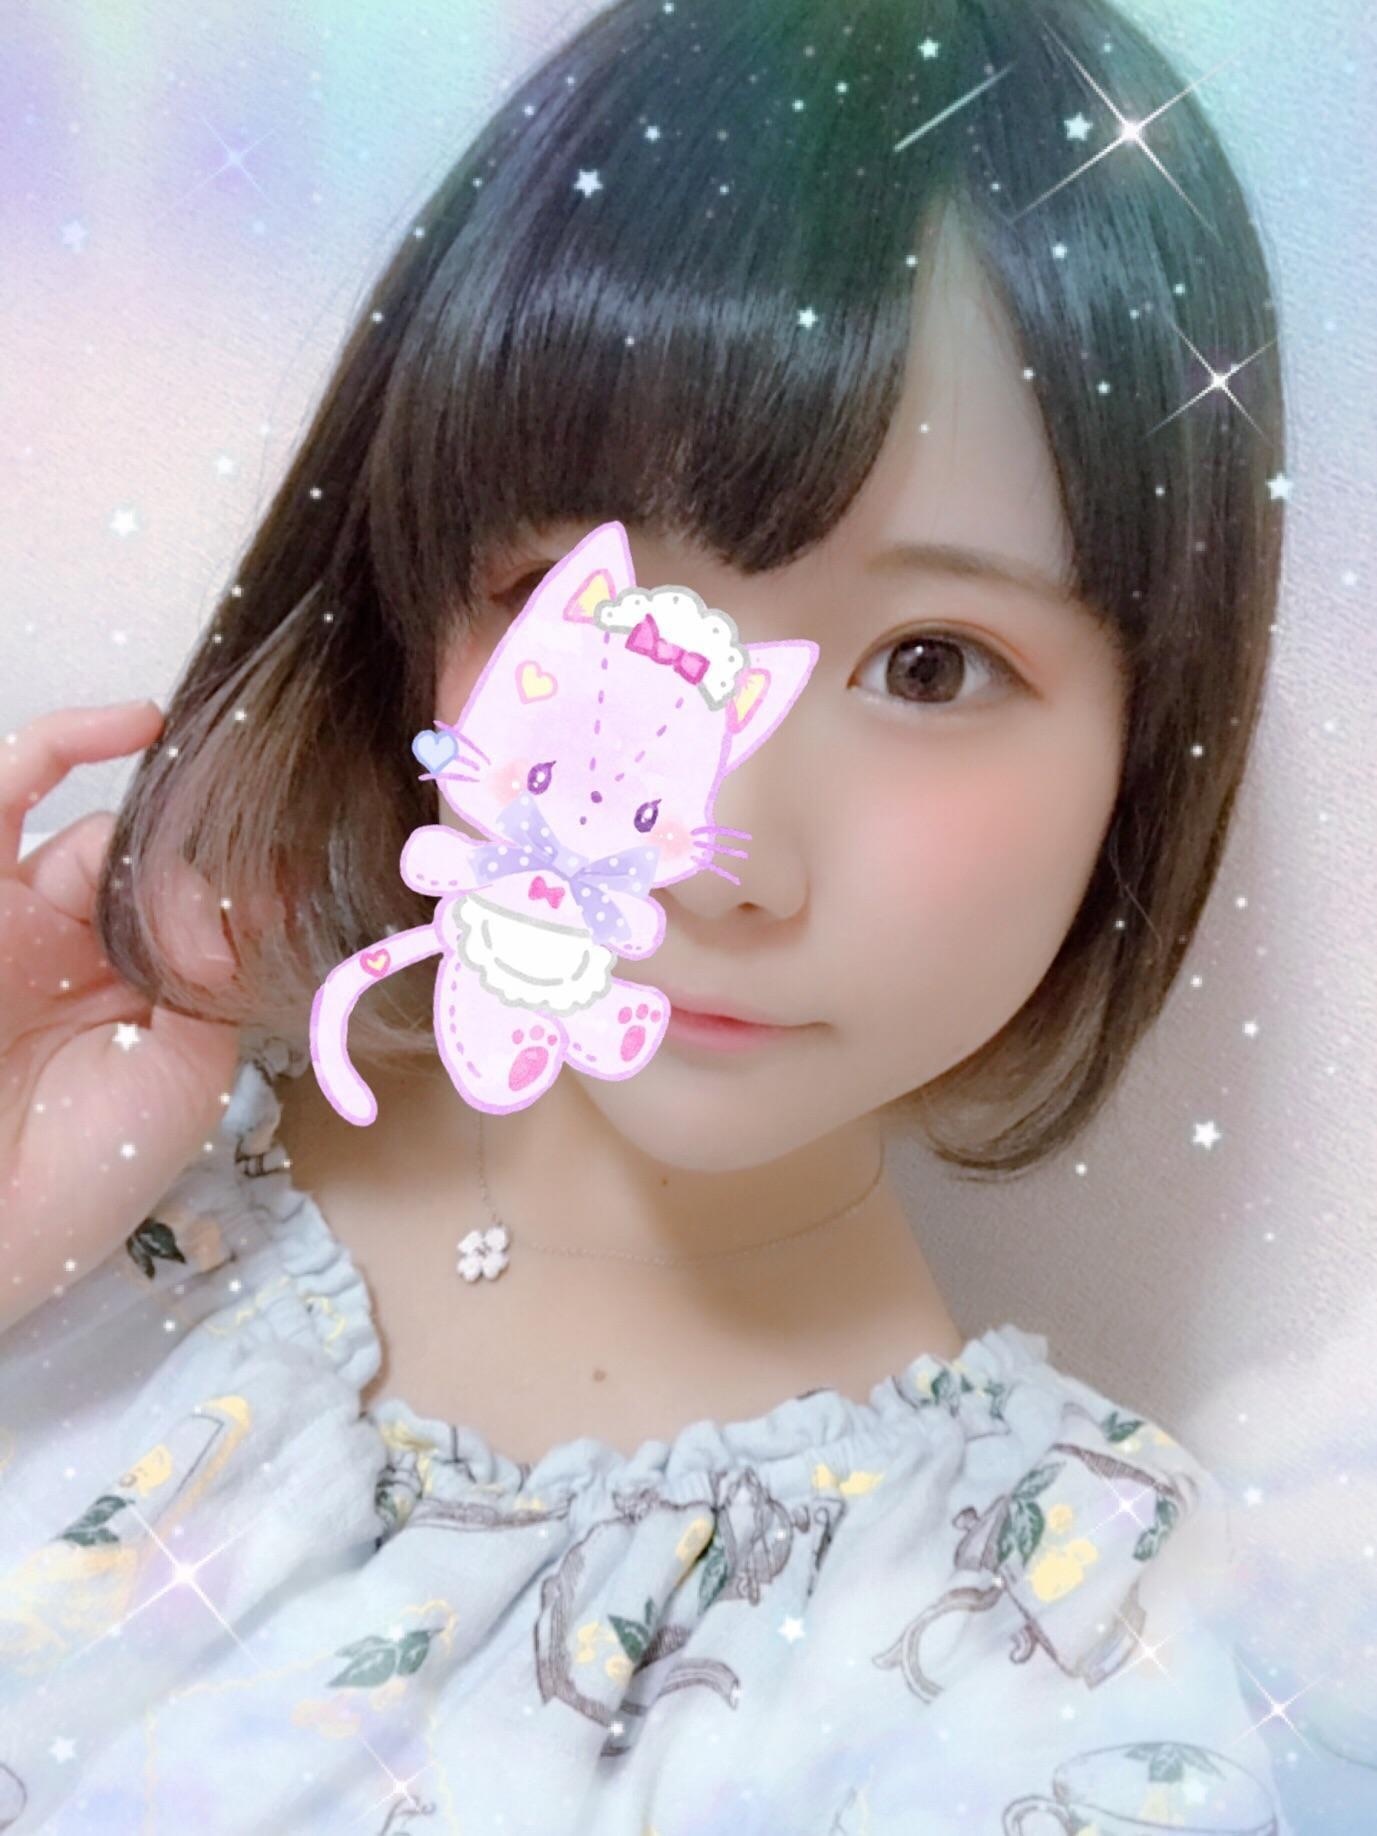 「お知らせ!」08/18(土) 04:22   みわの写メ・風俗動画